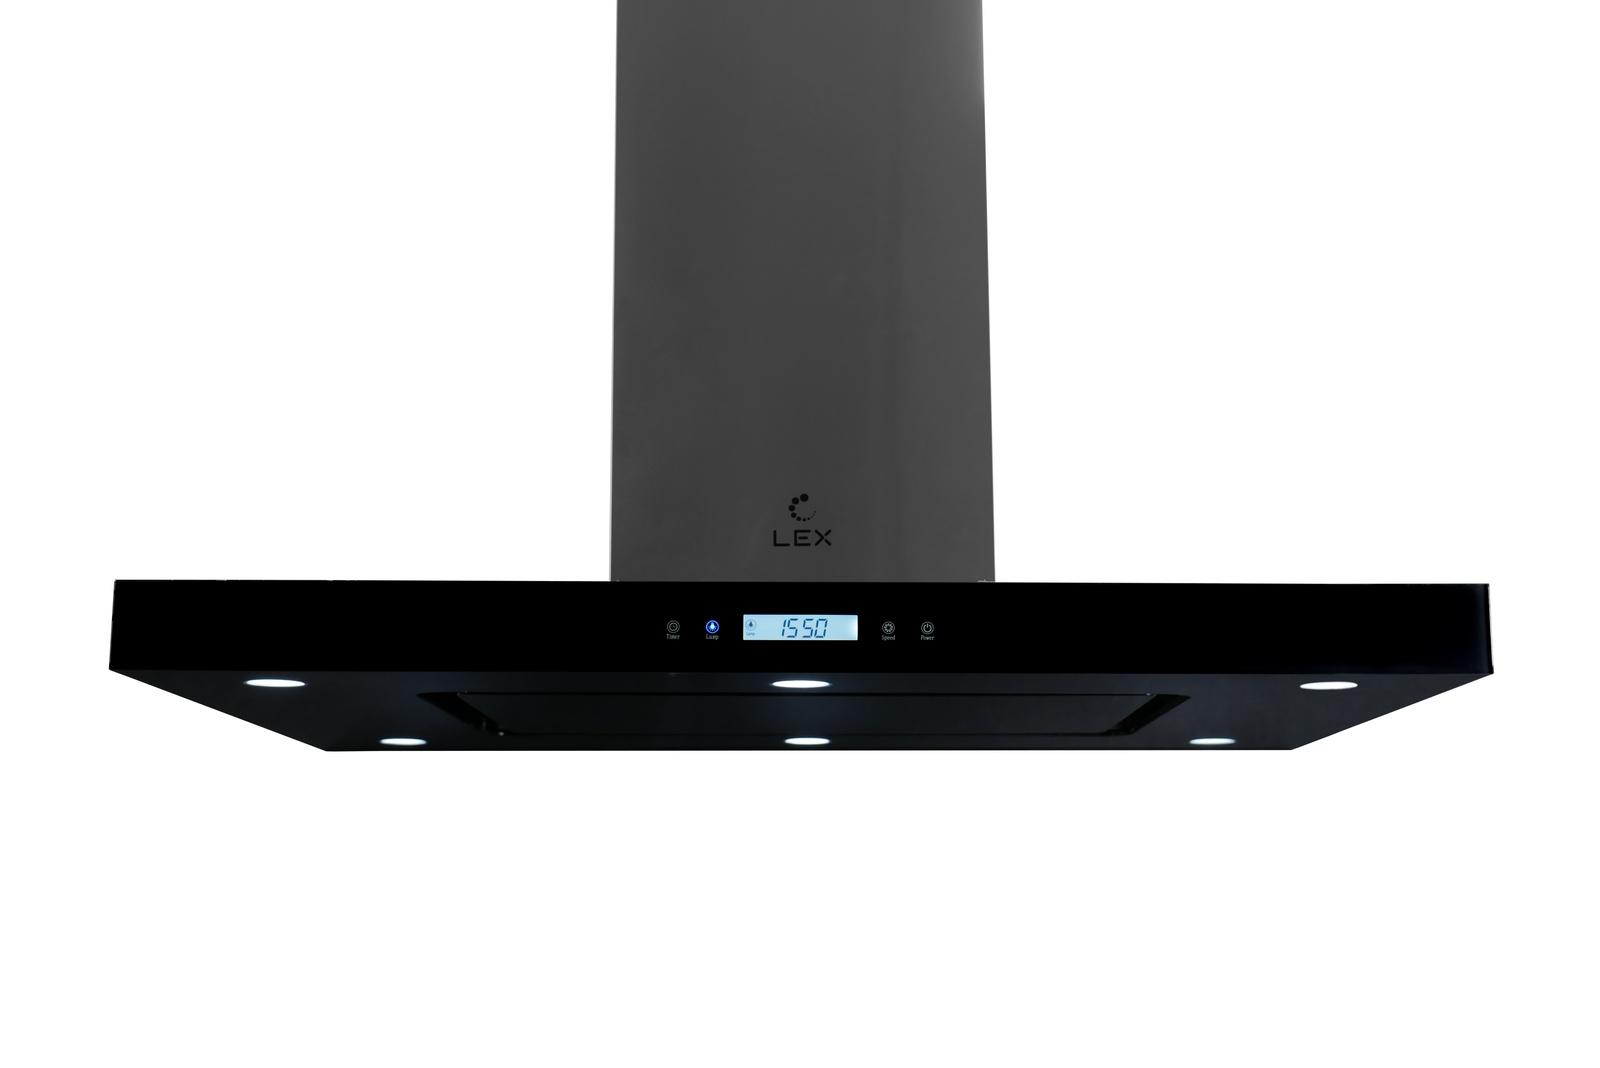 Островная кухонная вытяжка LEX Solaris Isola 900 Black LEX